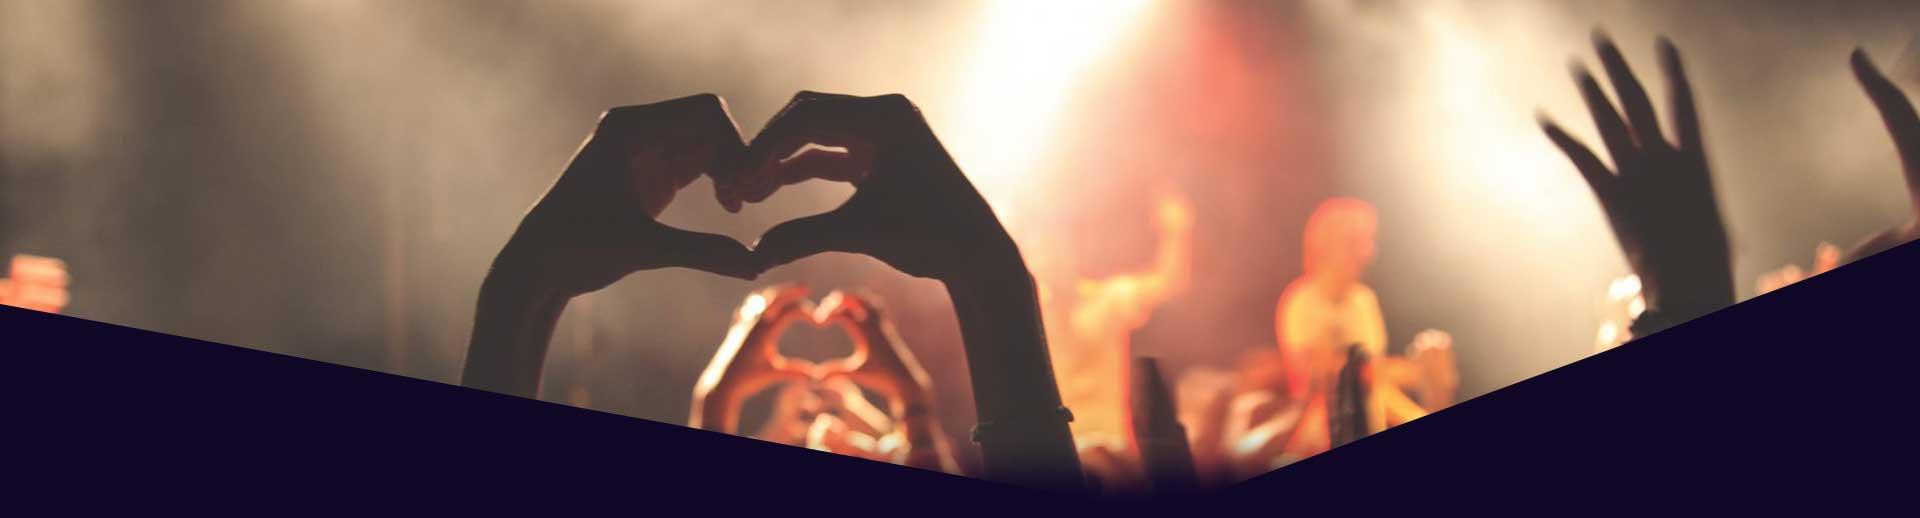 Black Hole Milano | Discoteche e night club a Milano per feste e musica dal vivo | Discoteca Milano Musica dal Vivo